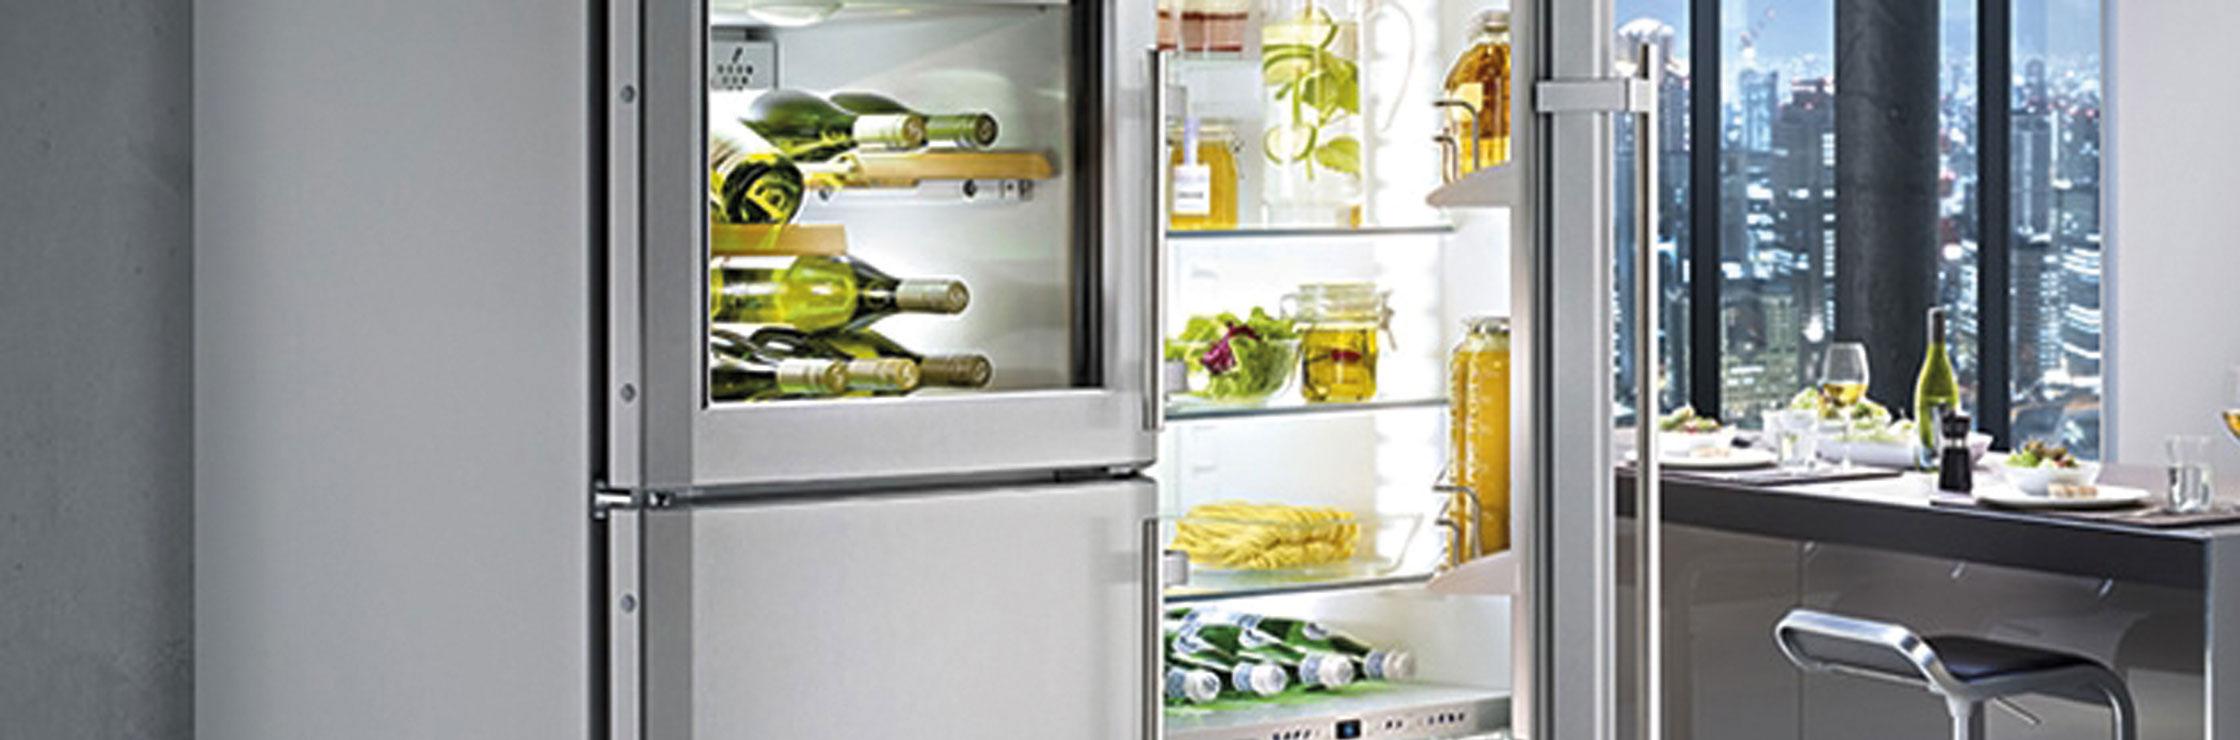 Comment choisir son r frig rateur comera cuisines - Comment choisir un refrigerateur ...